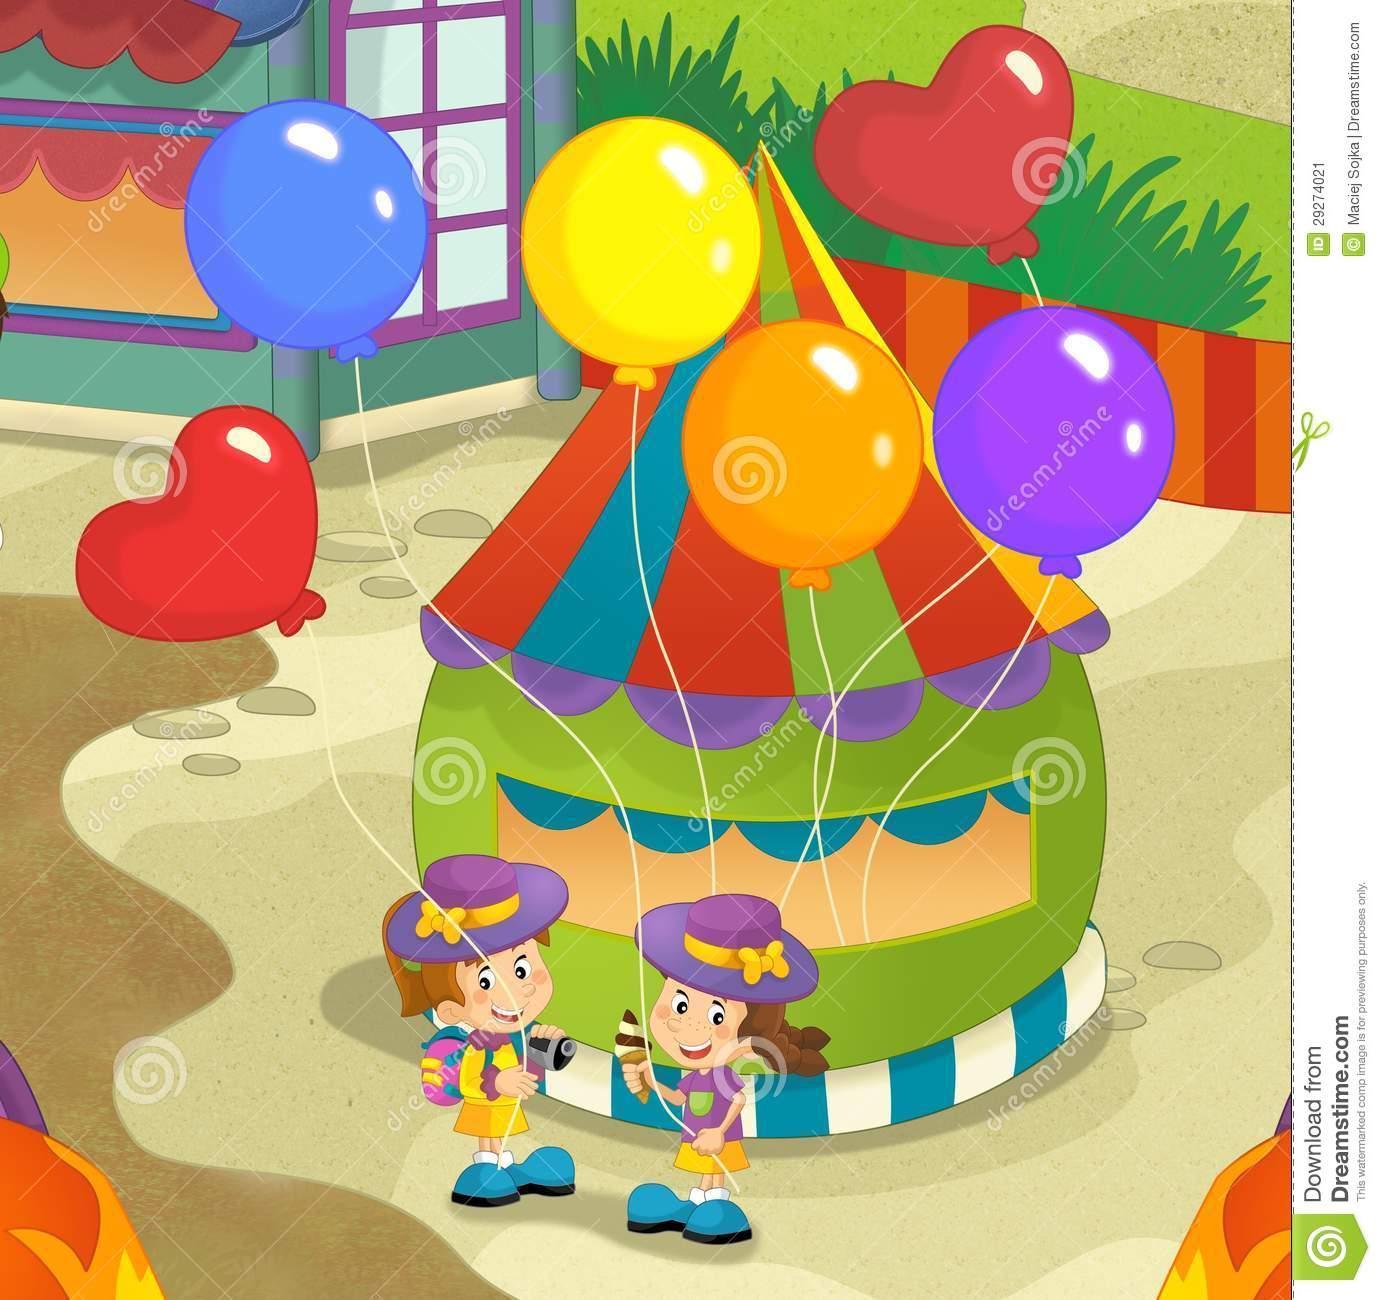 1381x1300 Funfair Drawing For Kids The Funfair Stock Image Funfair